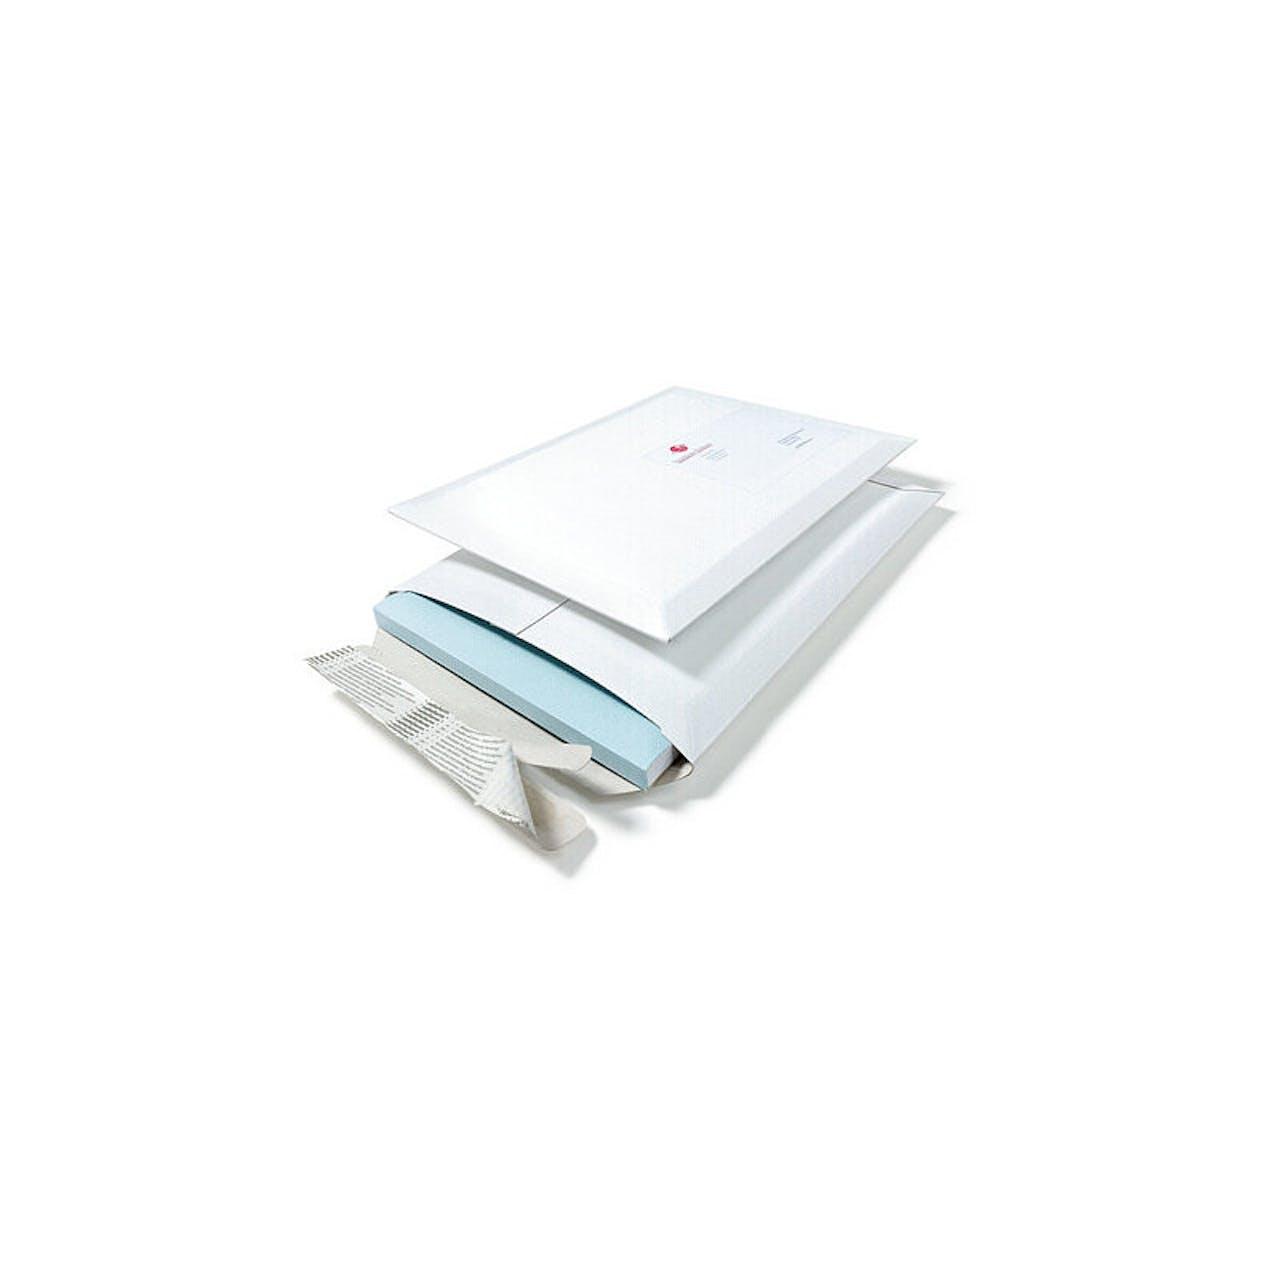 Kantenschutz-Versandtasche/Vollpappe, 310 x 445 mm, DIN A3, 550 g/m², 180 g/St.